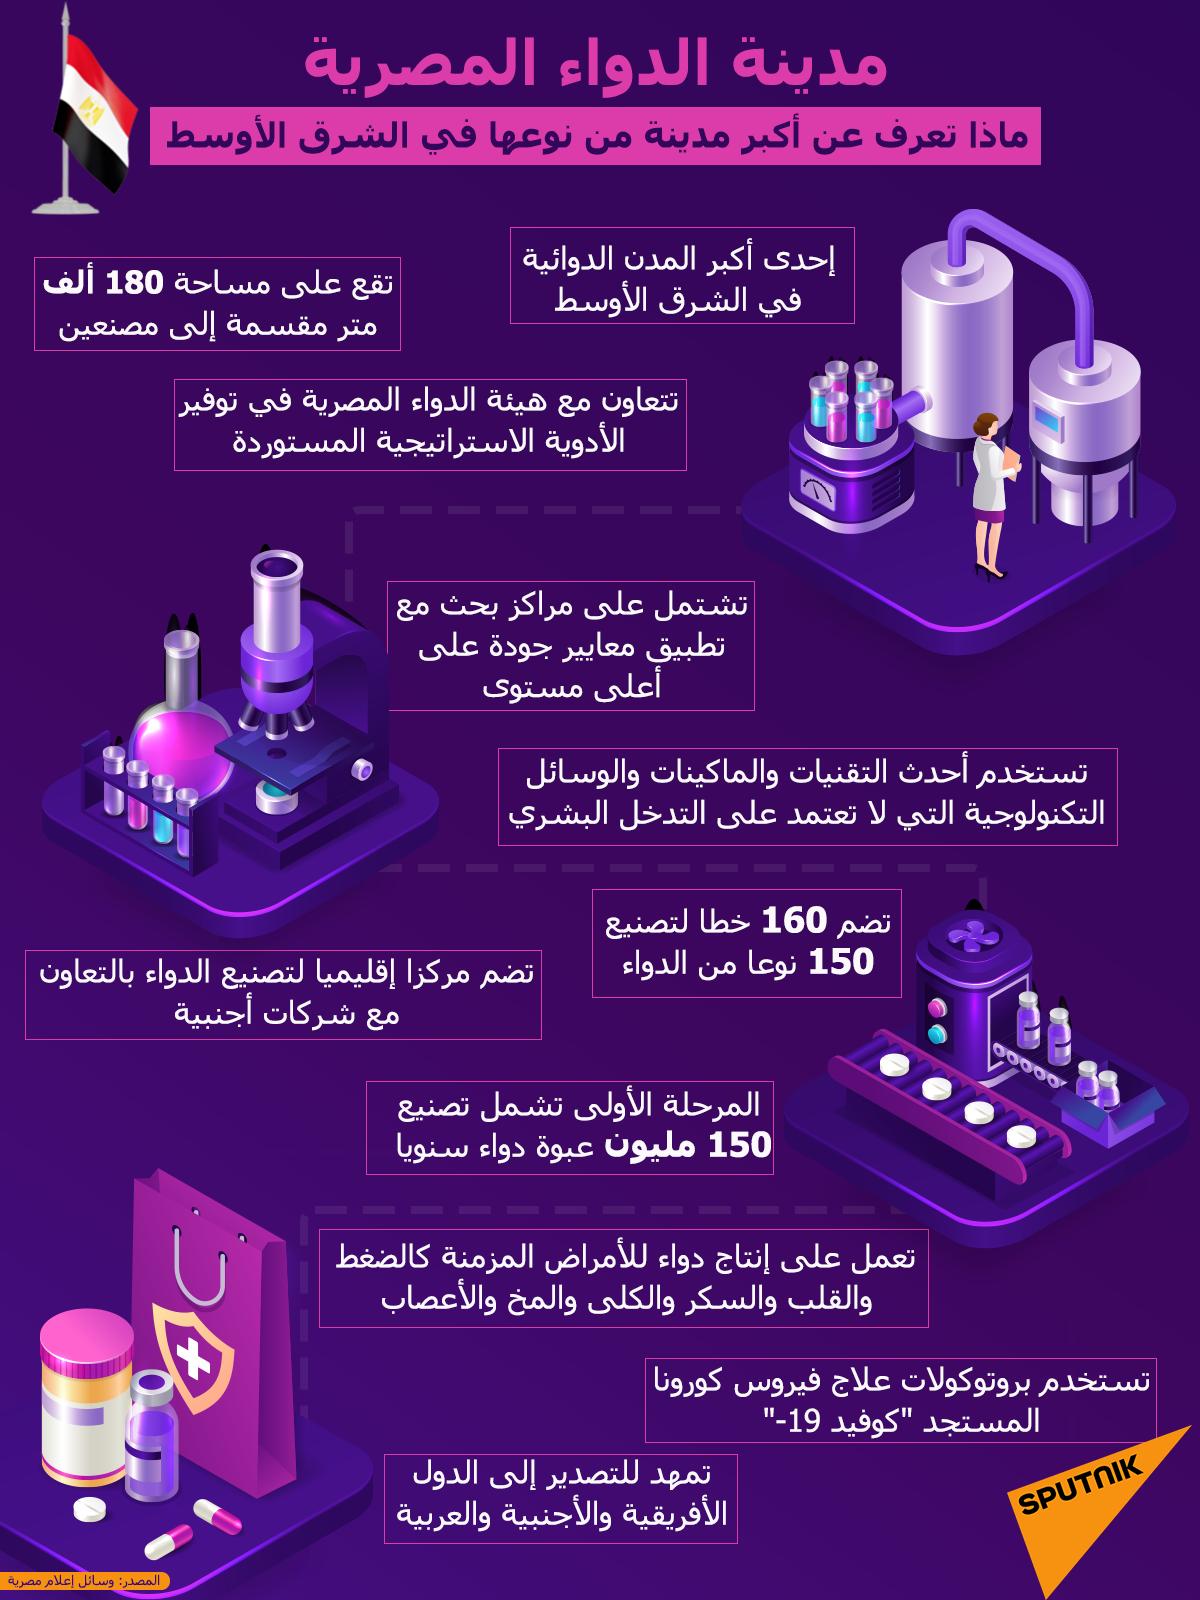 إنفوجرافيك... مدينة الدواء المصرية